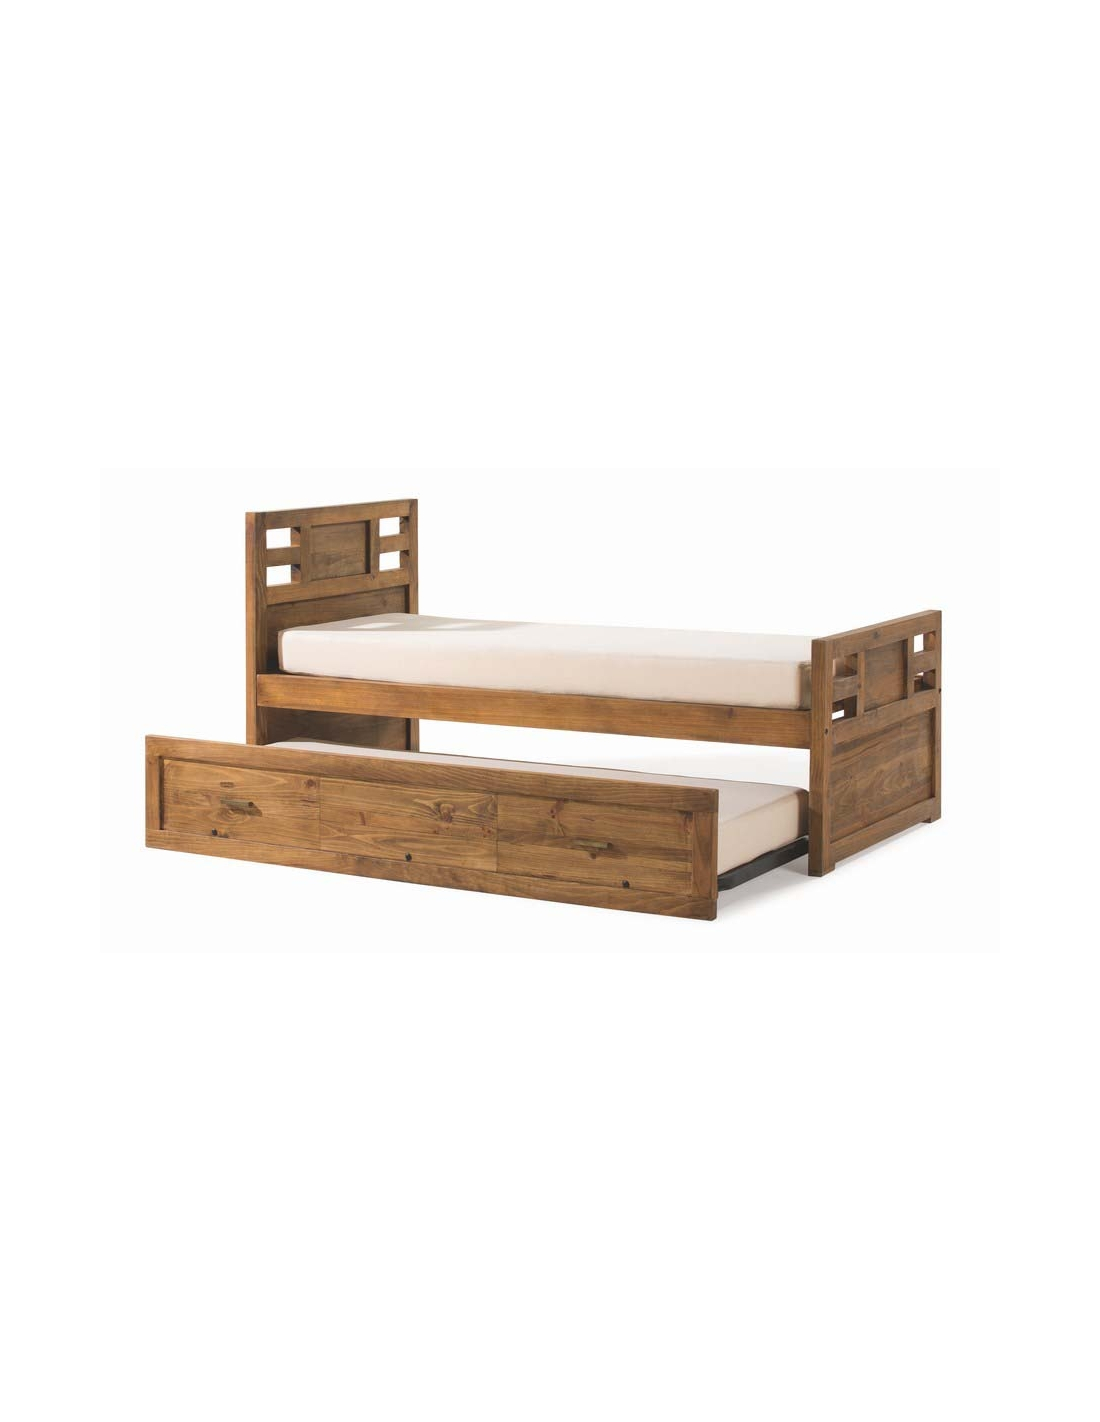 Comprar cama nido de 90 cm con arrastre madera modular studio for Cama nido color madera